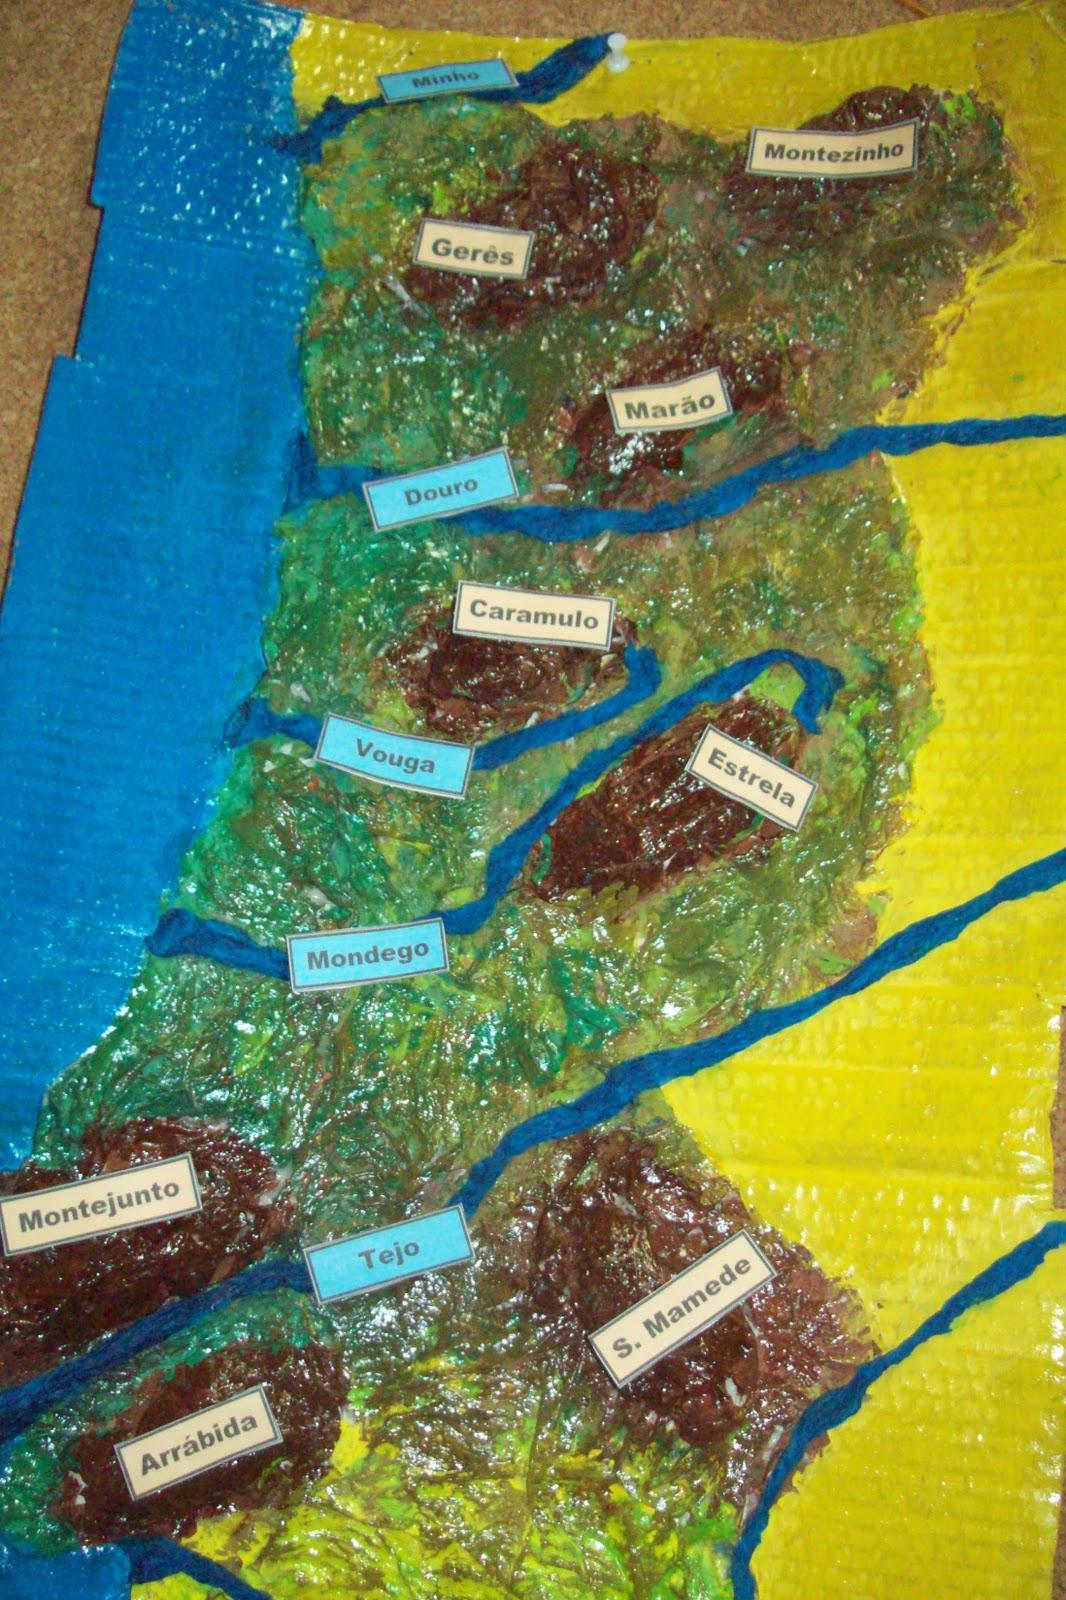 mapa de portugal com os rios e serras Mil palavrasmil experiências: Maquete as serras e rios de  mapa de portugal com os rios e serras